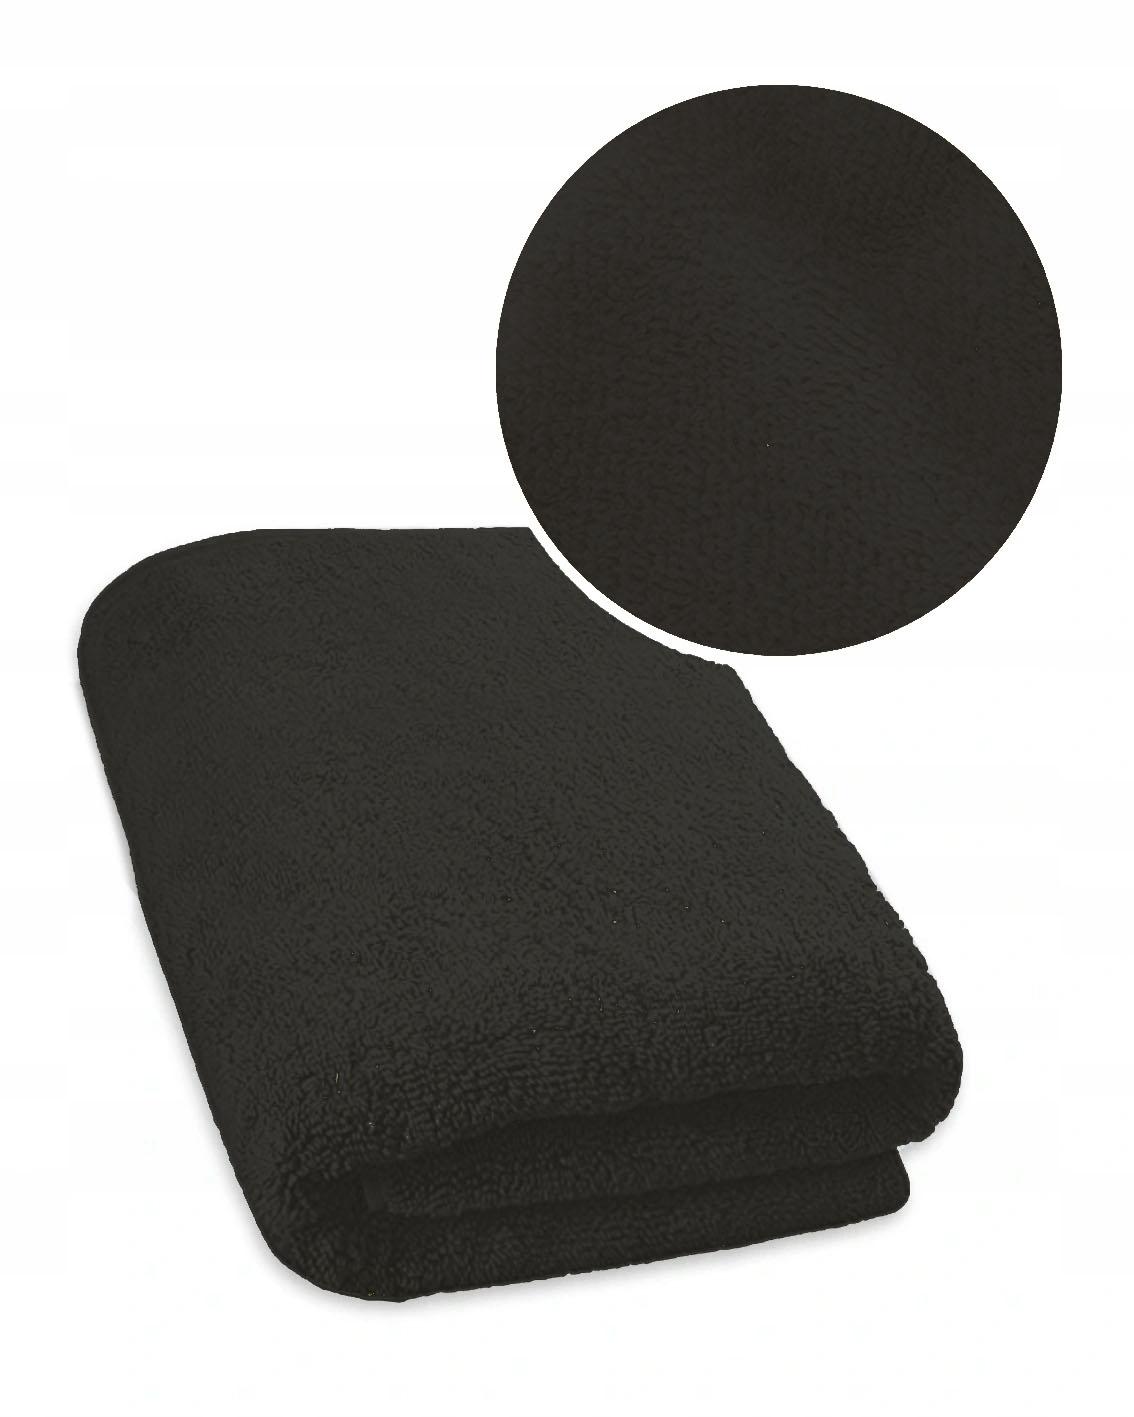 Ręcznik kompielowy frotte hotelowy 100% bawełny. gramatura 400 g. posiada certyfikat Oeko-tex. Model Modena.